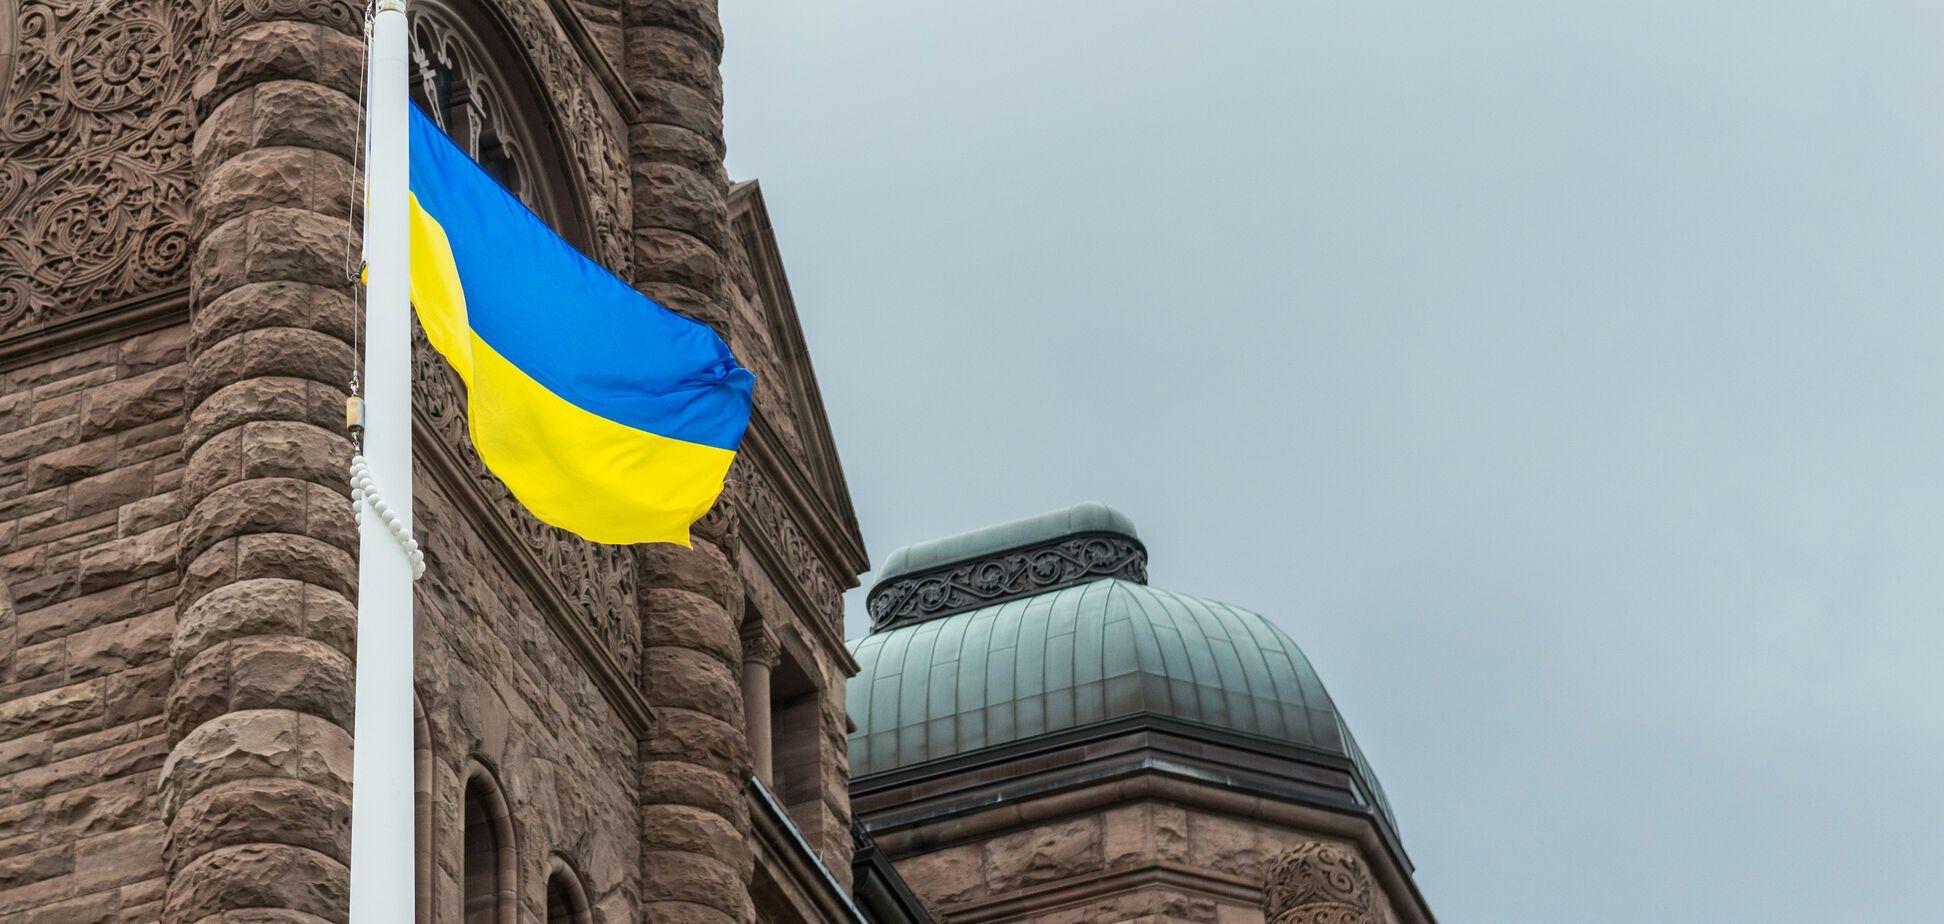 ЄБРР захотів взяти частку у великому українському банку